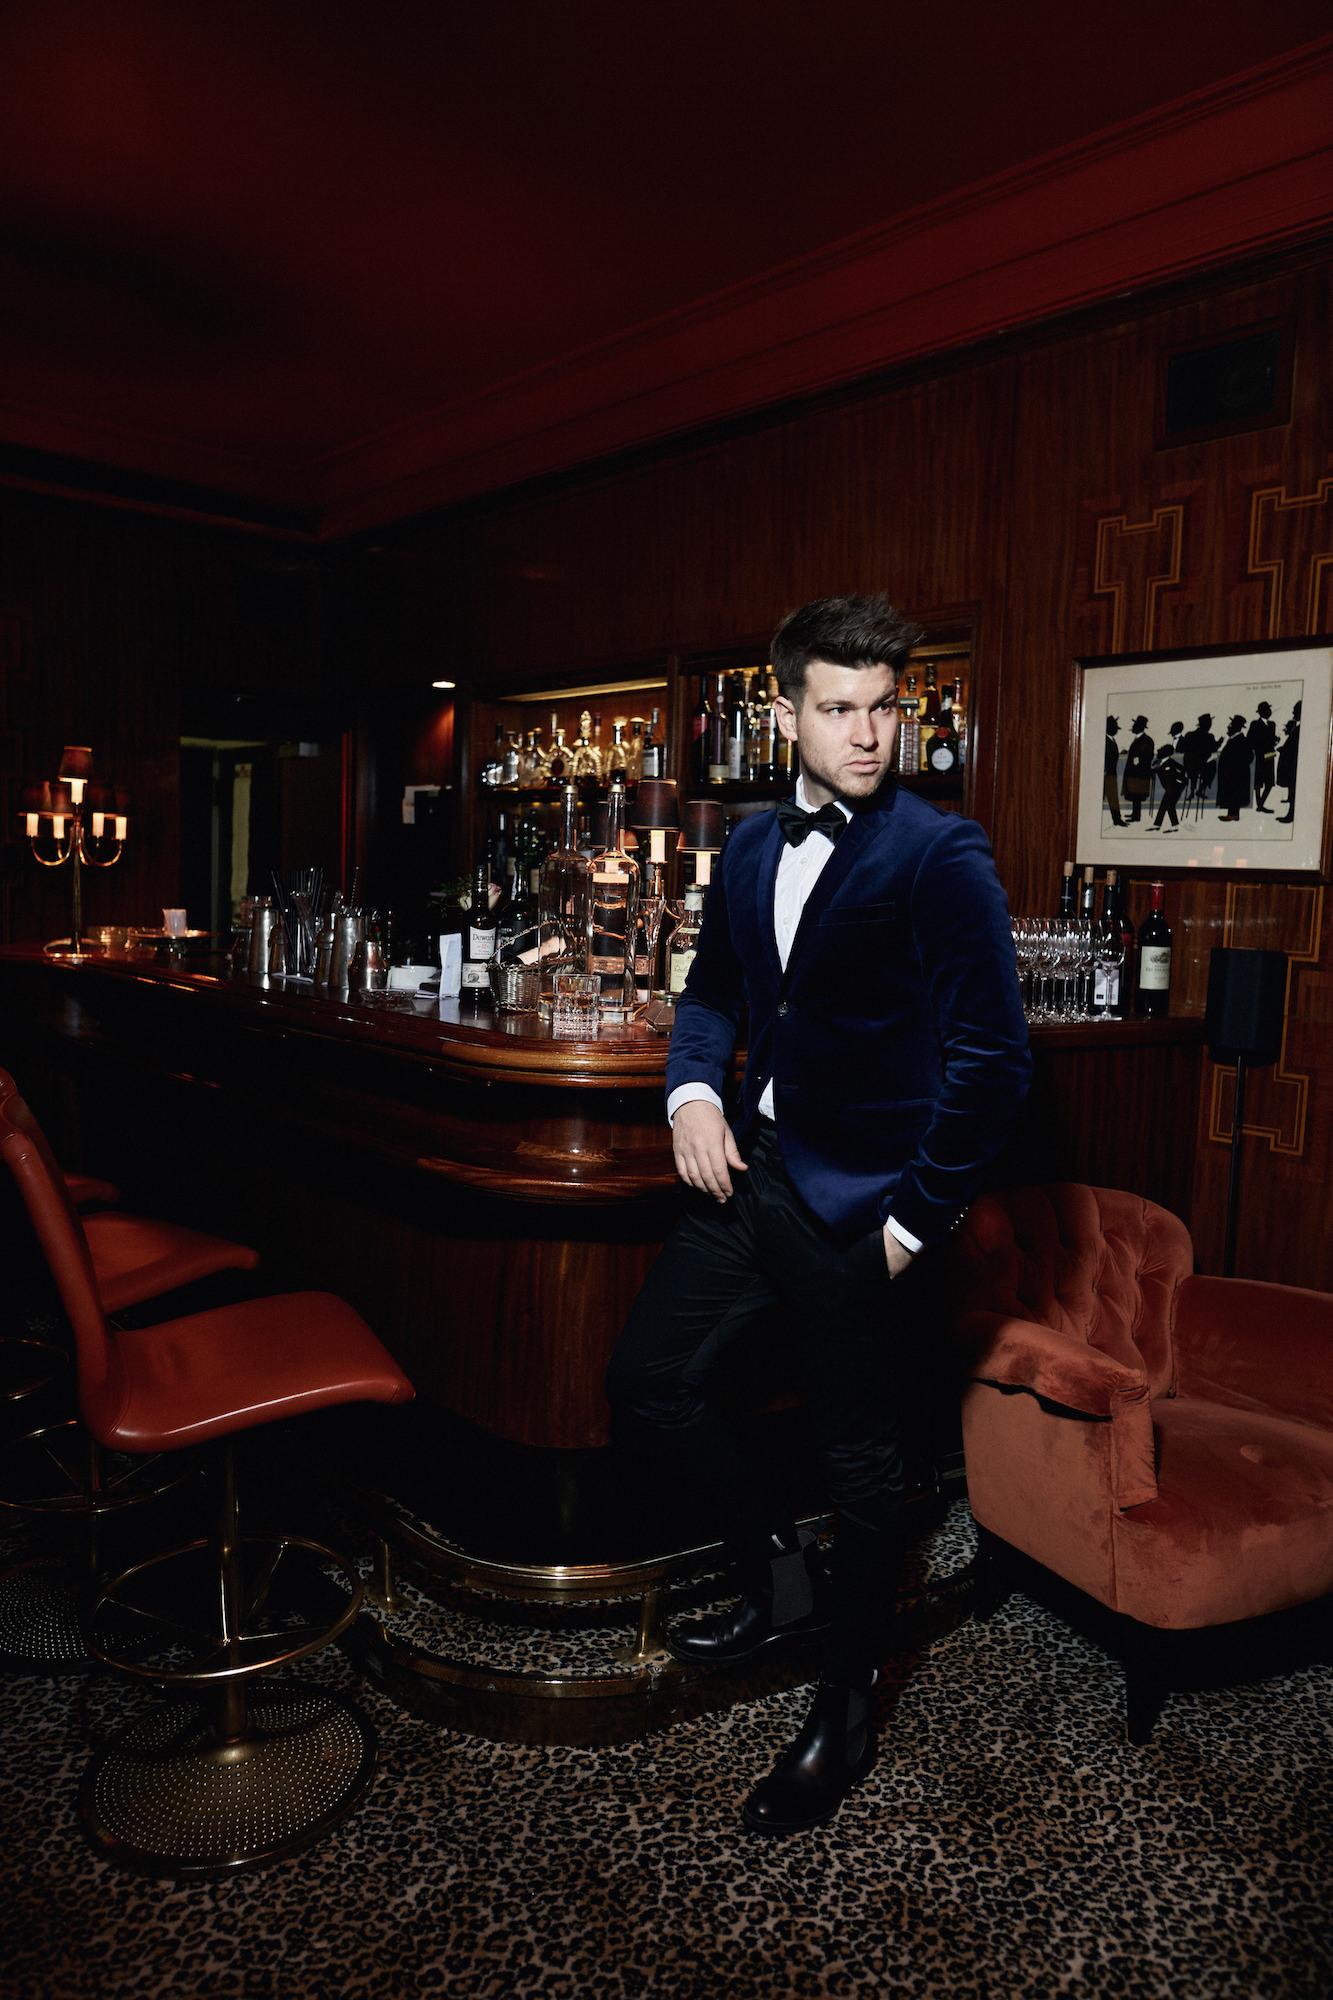 Elegantes Silvesteroutfit für Männer_Tiger of Sweden Samt Blazer_Meanwhile in Awesometown_Modeblogger_Mens Fashion und Lifestyleblogger_Wiener Blogger_Maleblogger4